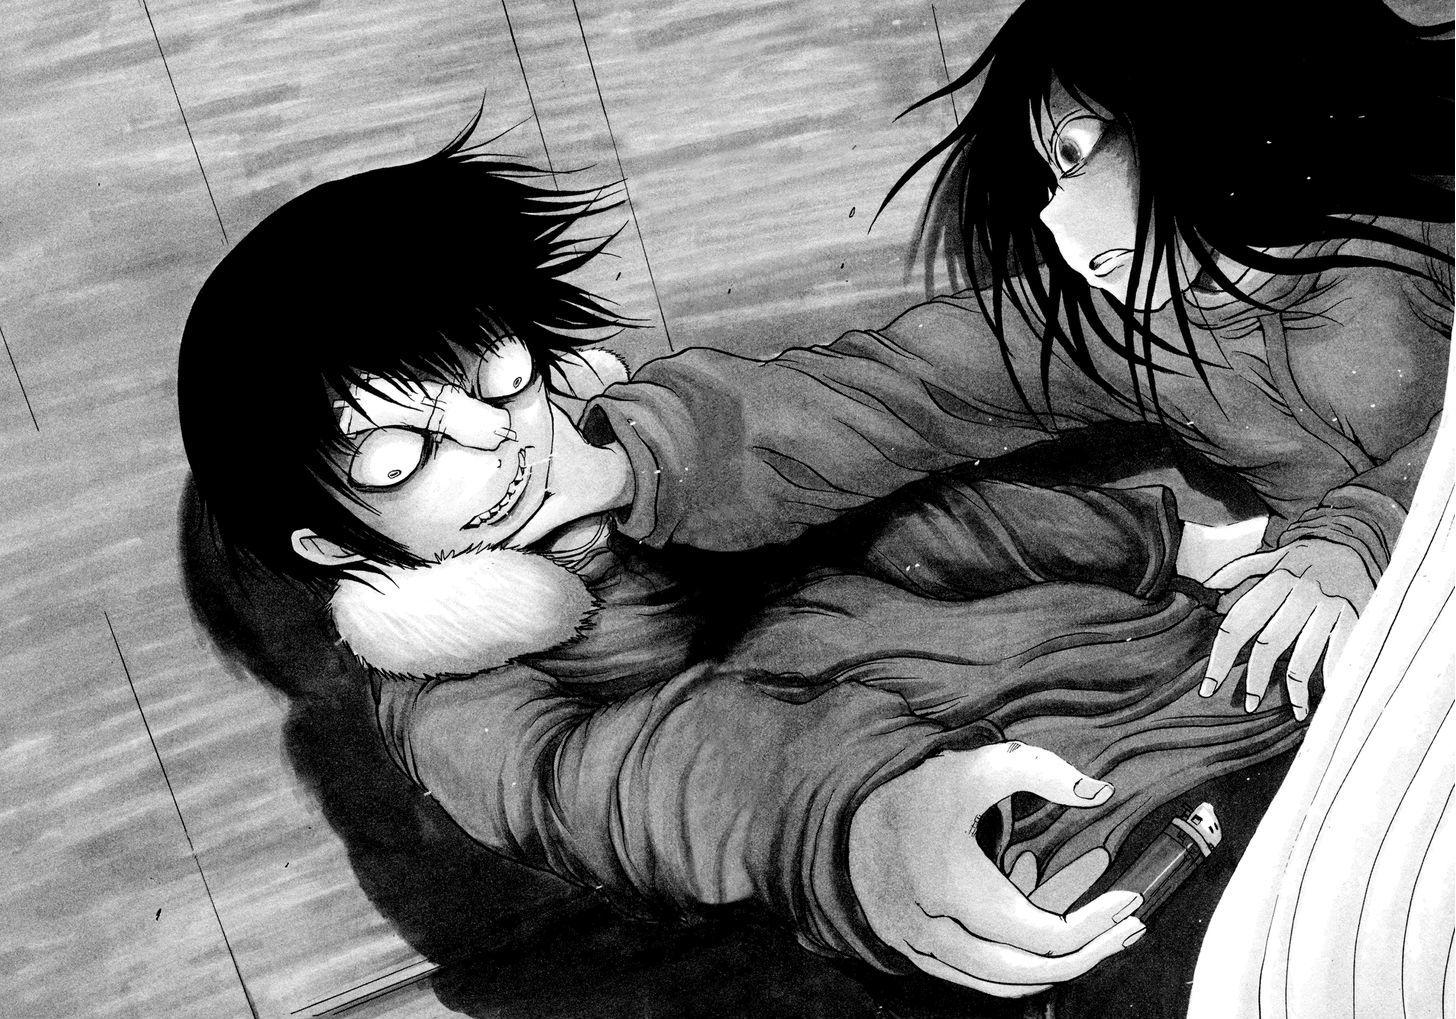 Misumisô: Le manga d'horreur Misu Misou va être adapté en